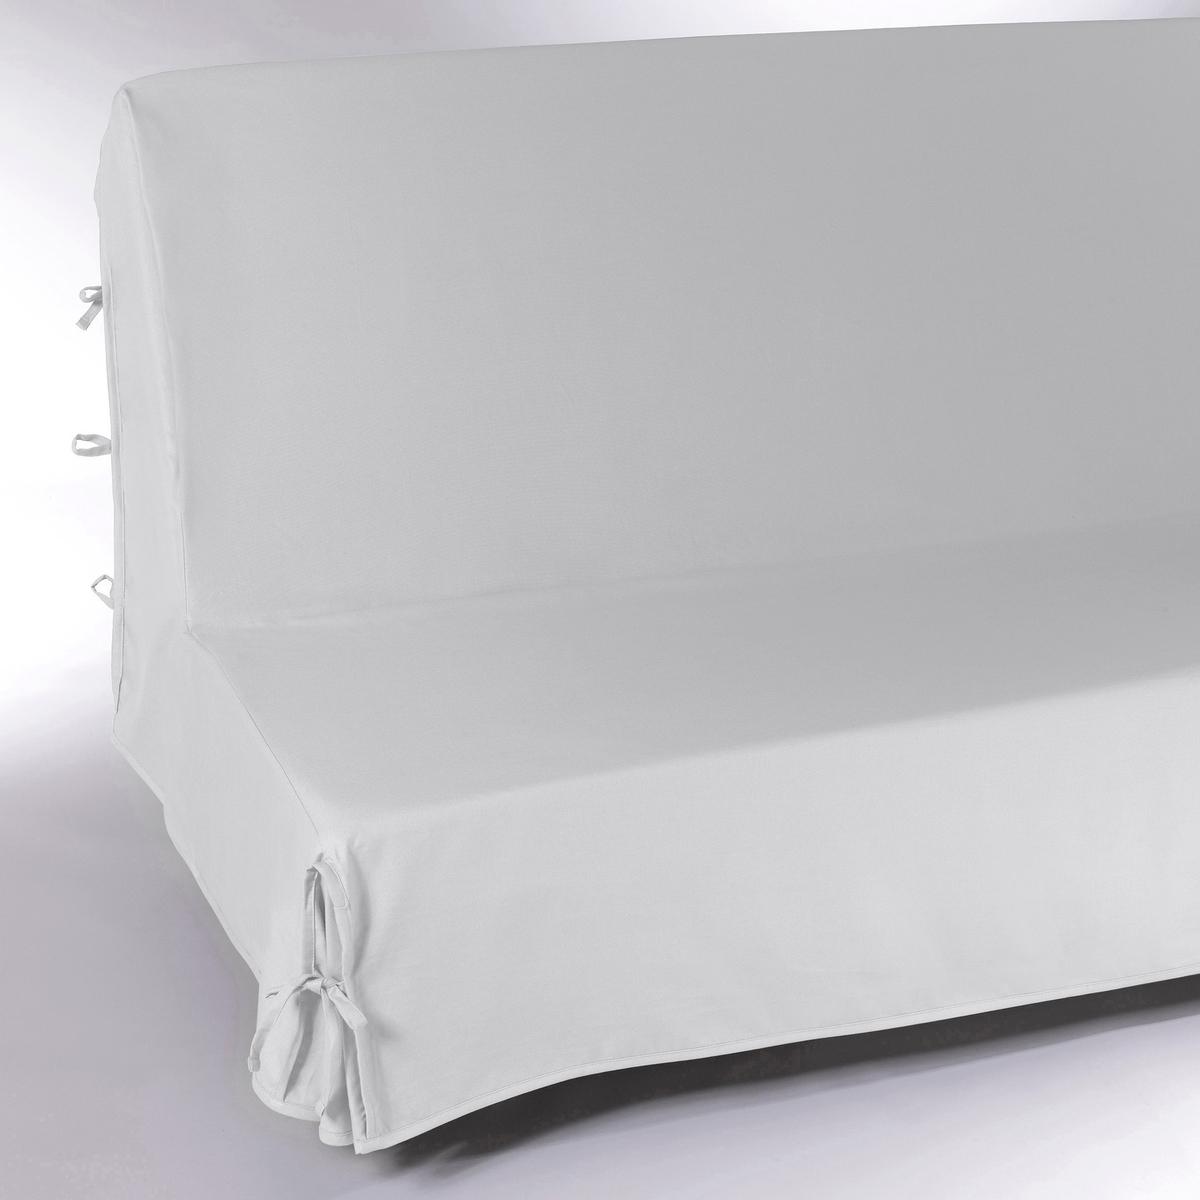 Чехол La Redoute Для раскладного дивана SCENARIO единый размер белый чехол стеганый для раскладного дивана scénario